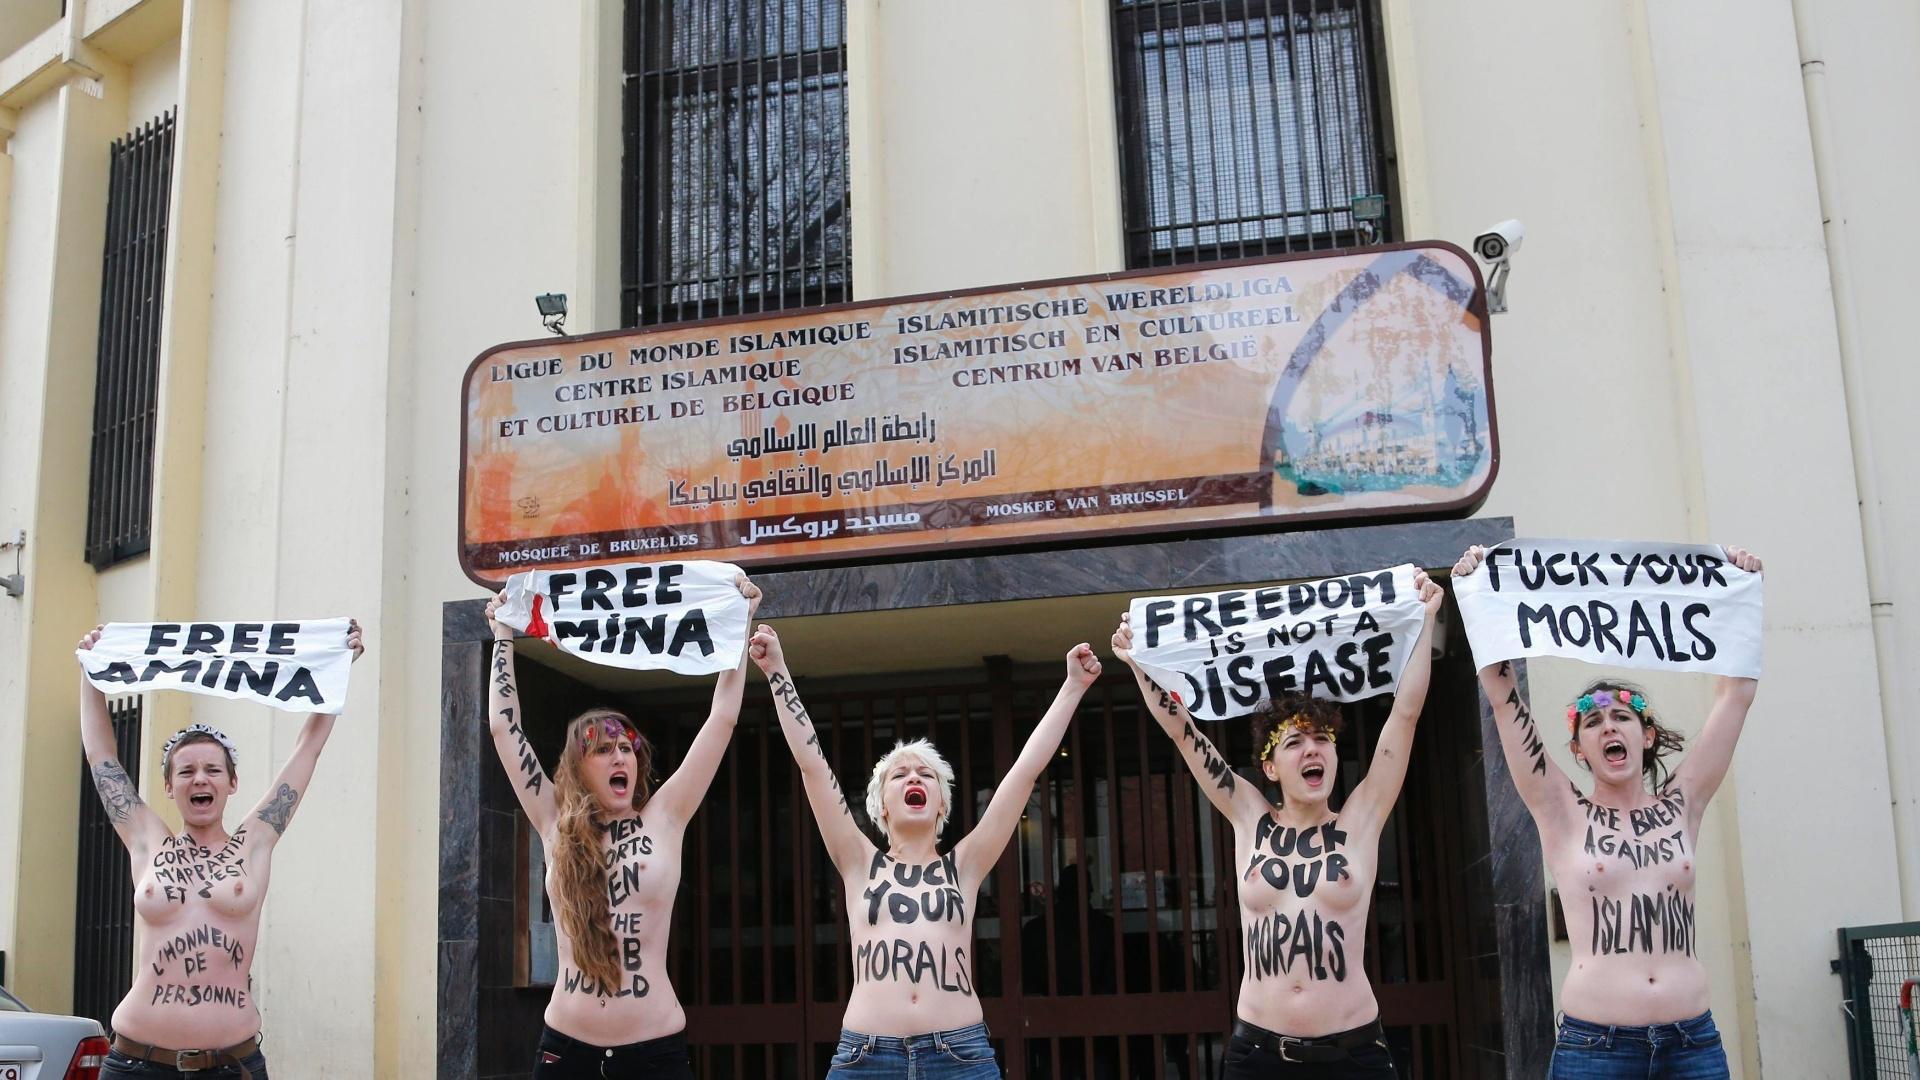 4.abr.2013 - Ativistas do Femen gritam slogans durante manifestação em frente a mesquita em Bruxelas, na Bélgica, nesta quinta-feira (4). O Femen convocou uma